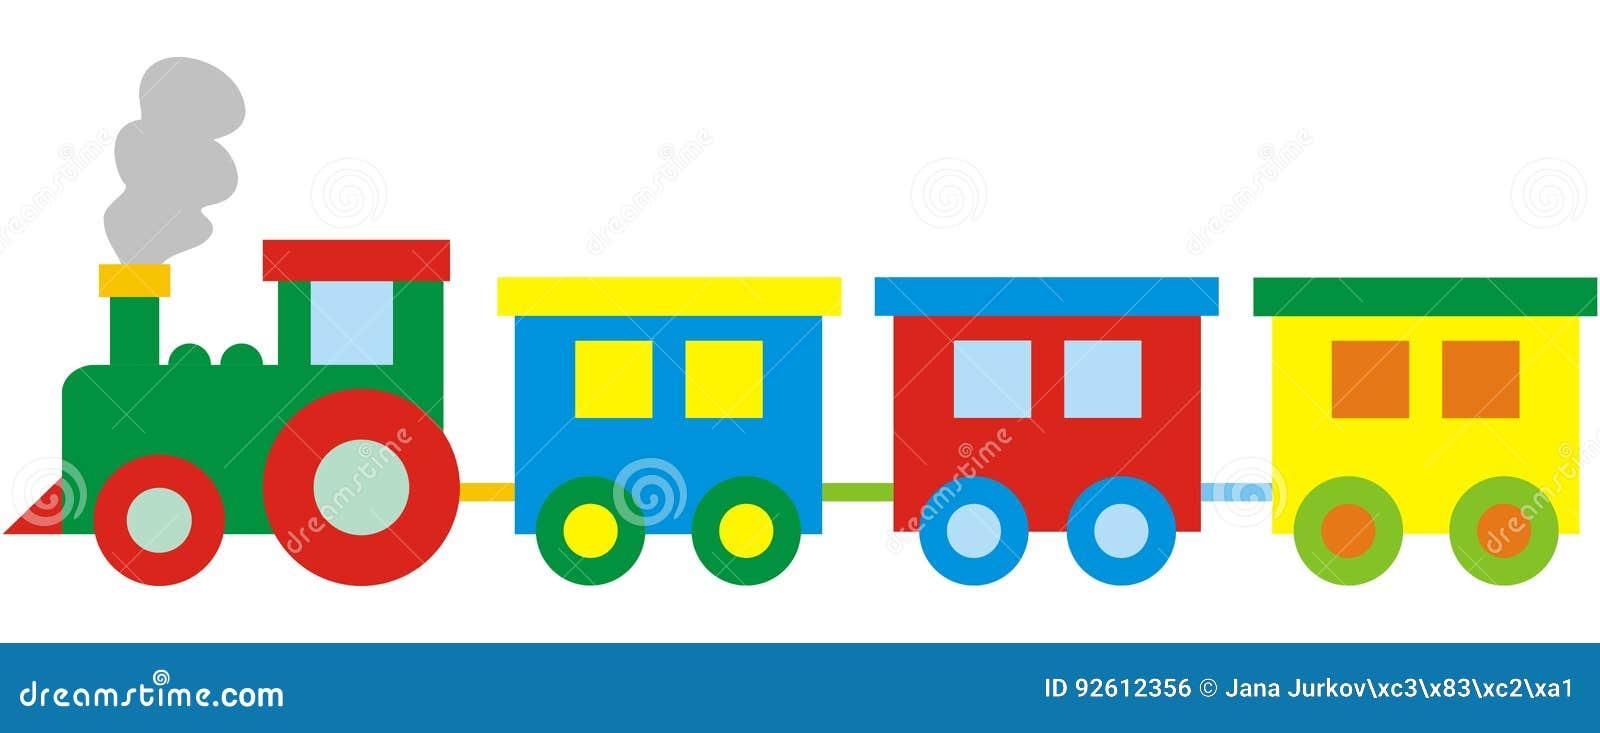 Kinderen S Trein Vectorpictogram Pushover Vector Illustratie